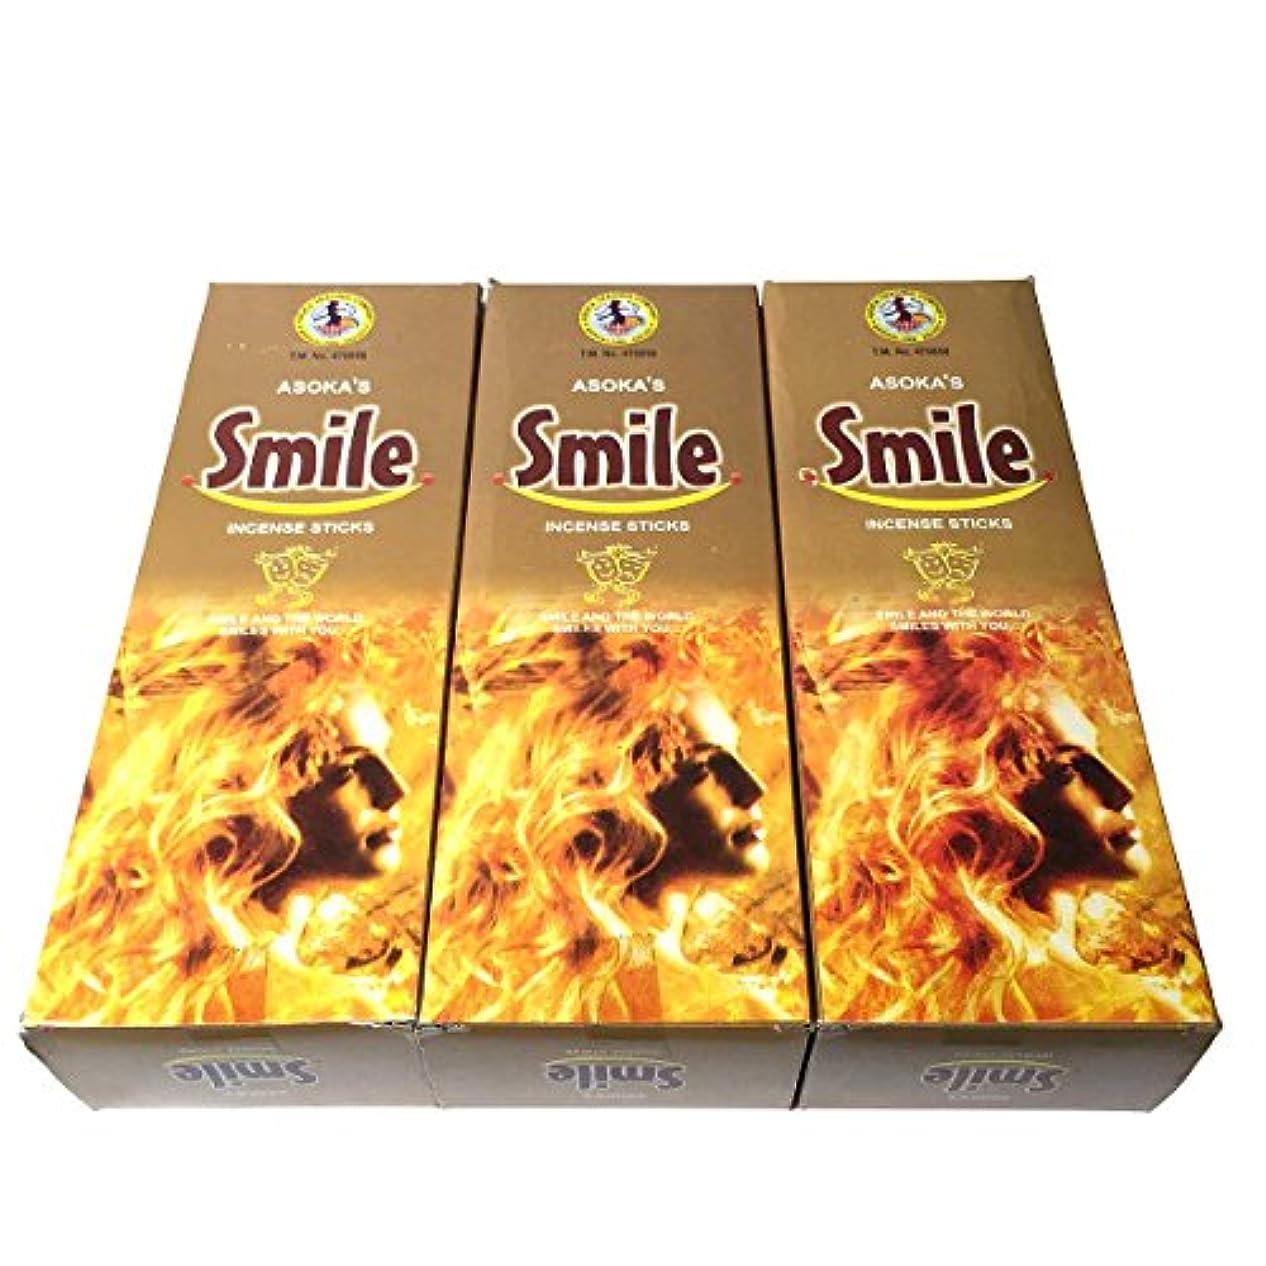 召集するやがて悪因子スマイル香スティック 3BOX(18箱) /ASOKA TRADING SMILE/インセンス/インド香 お香 [並行輸入品]